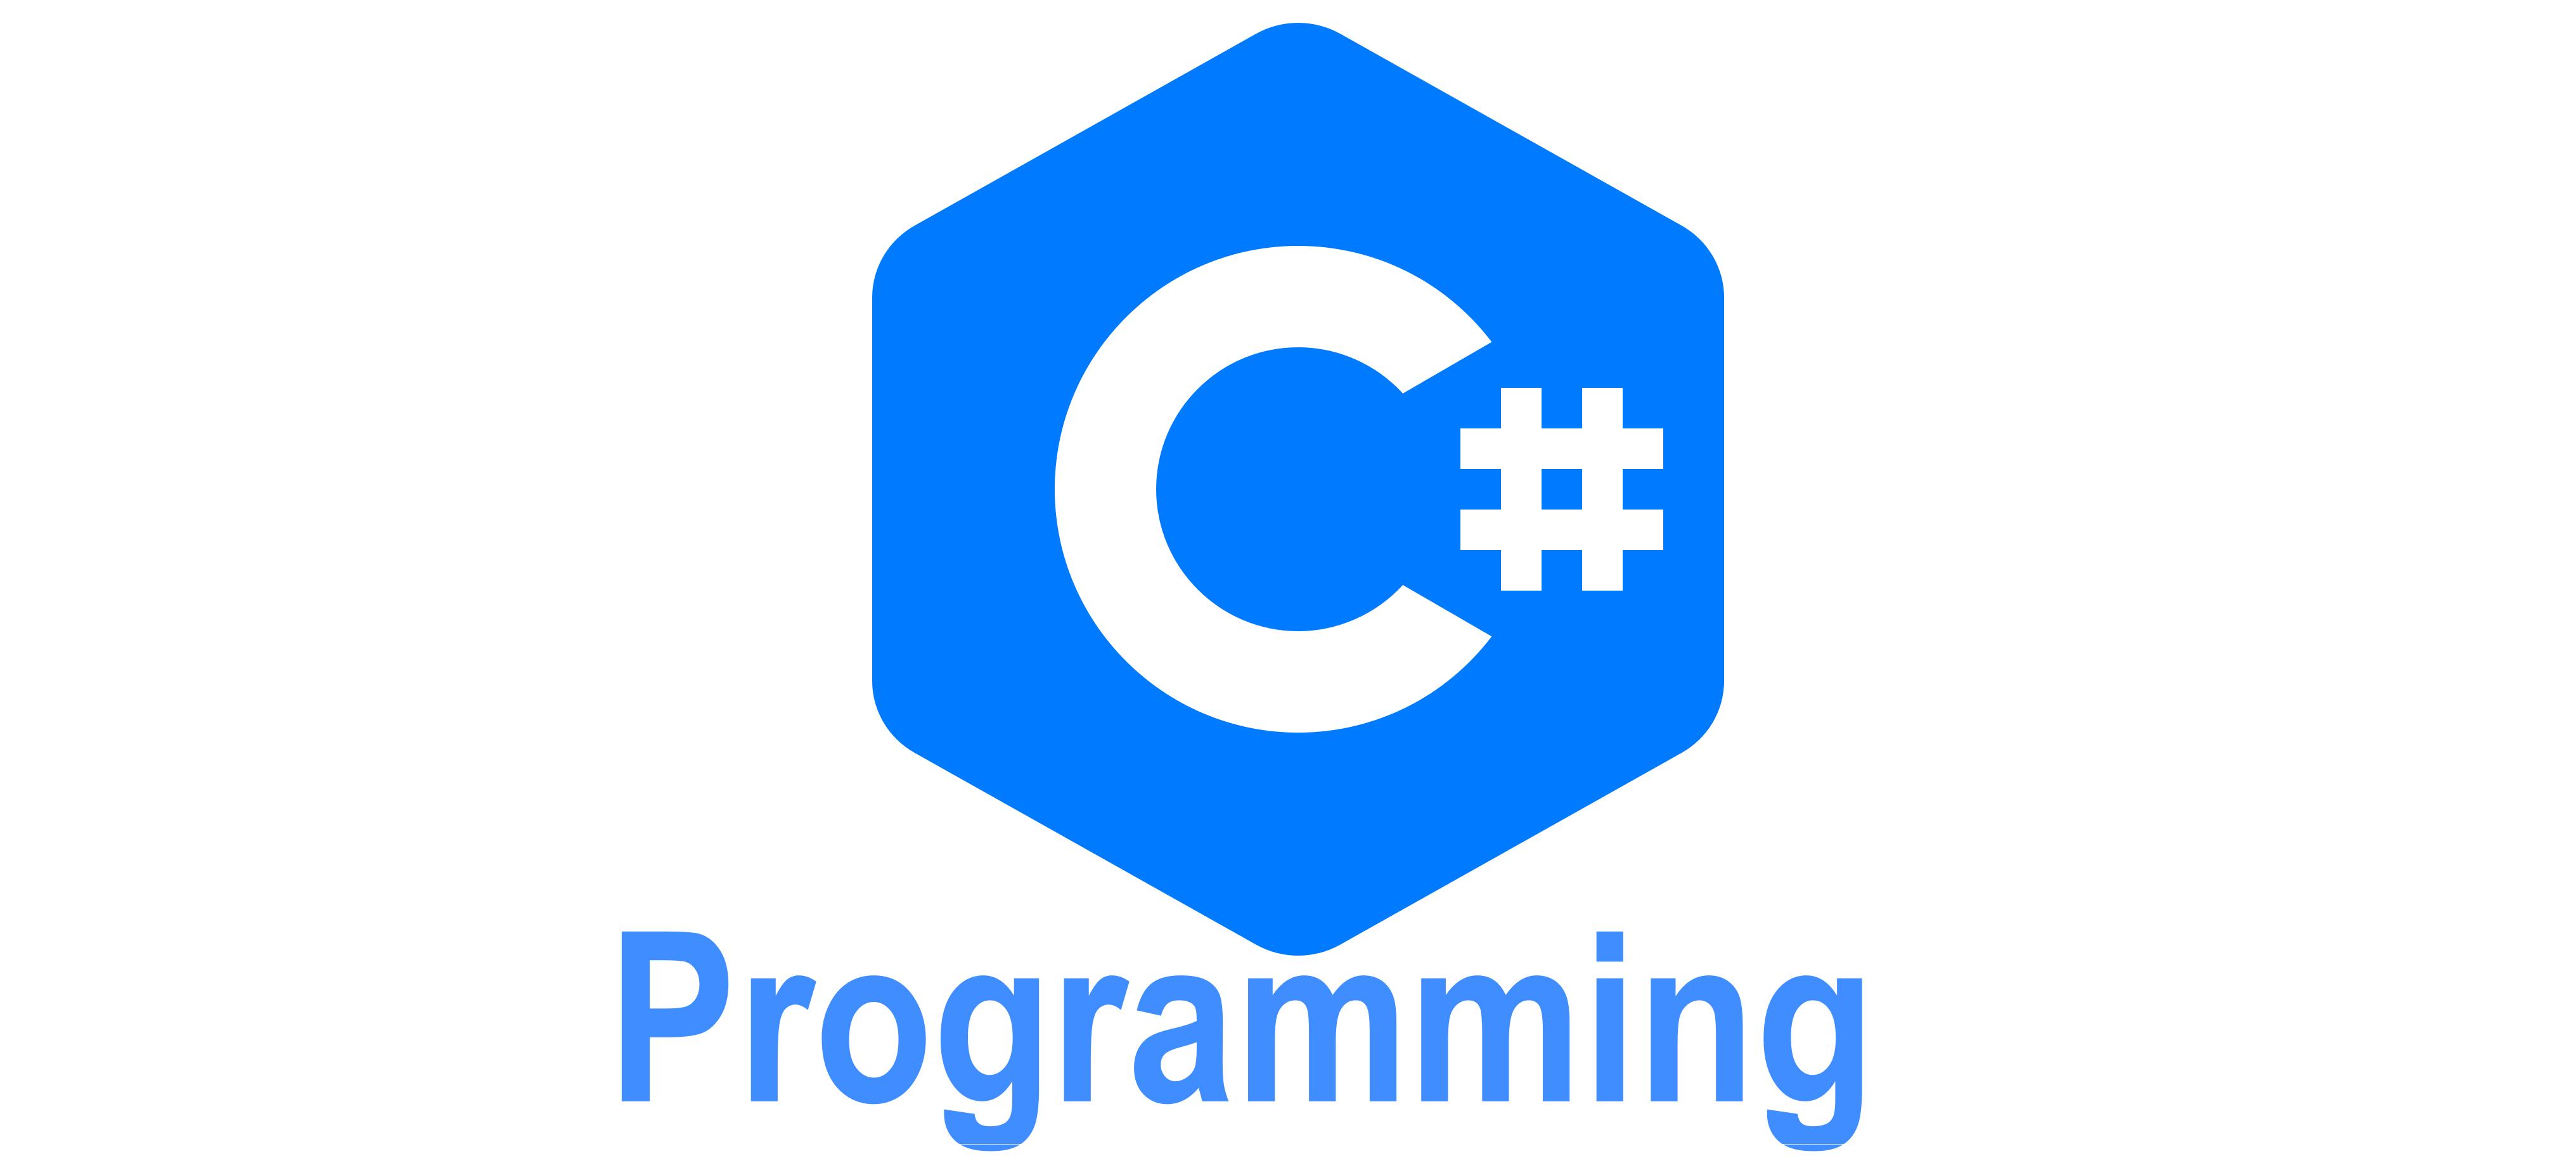 【C#】编写一个游戏公告栏